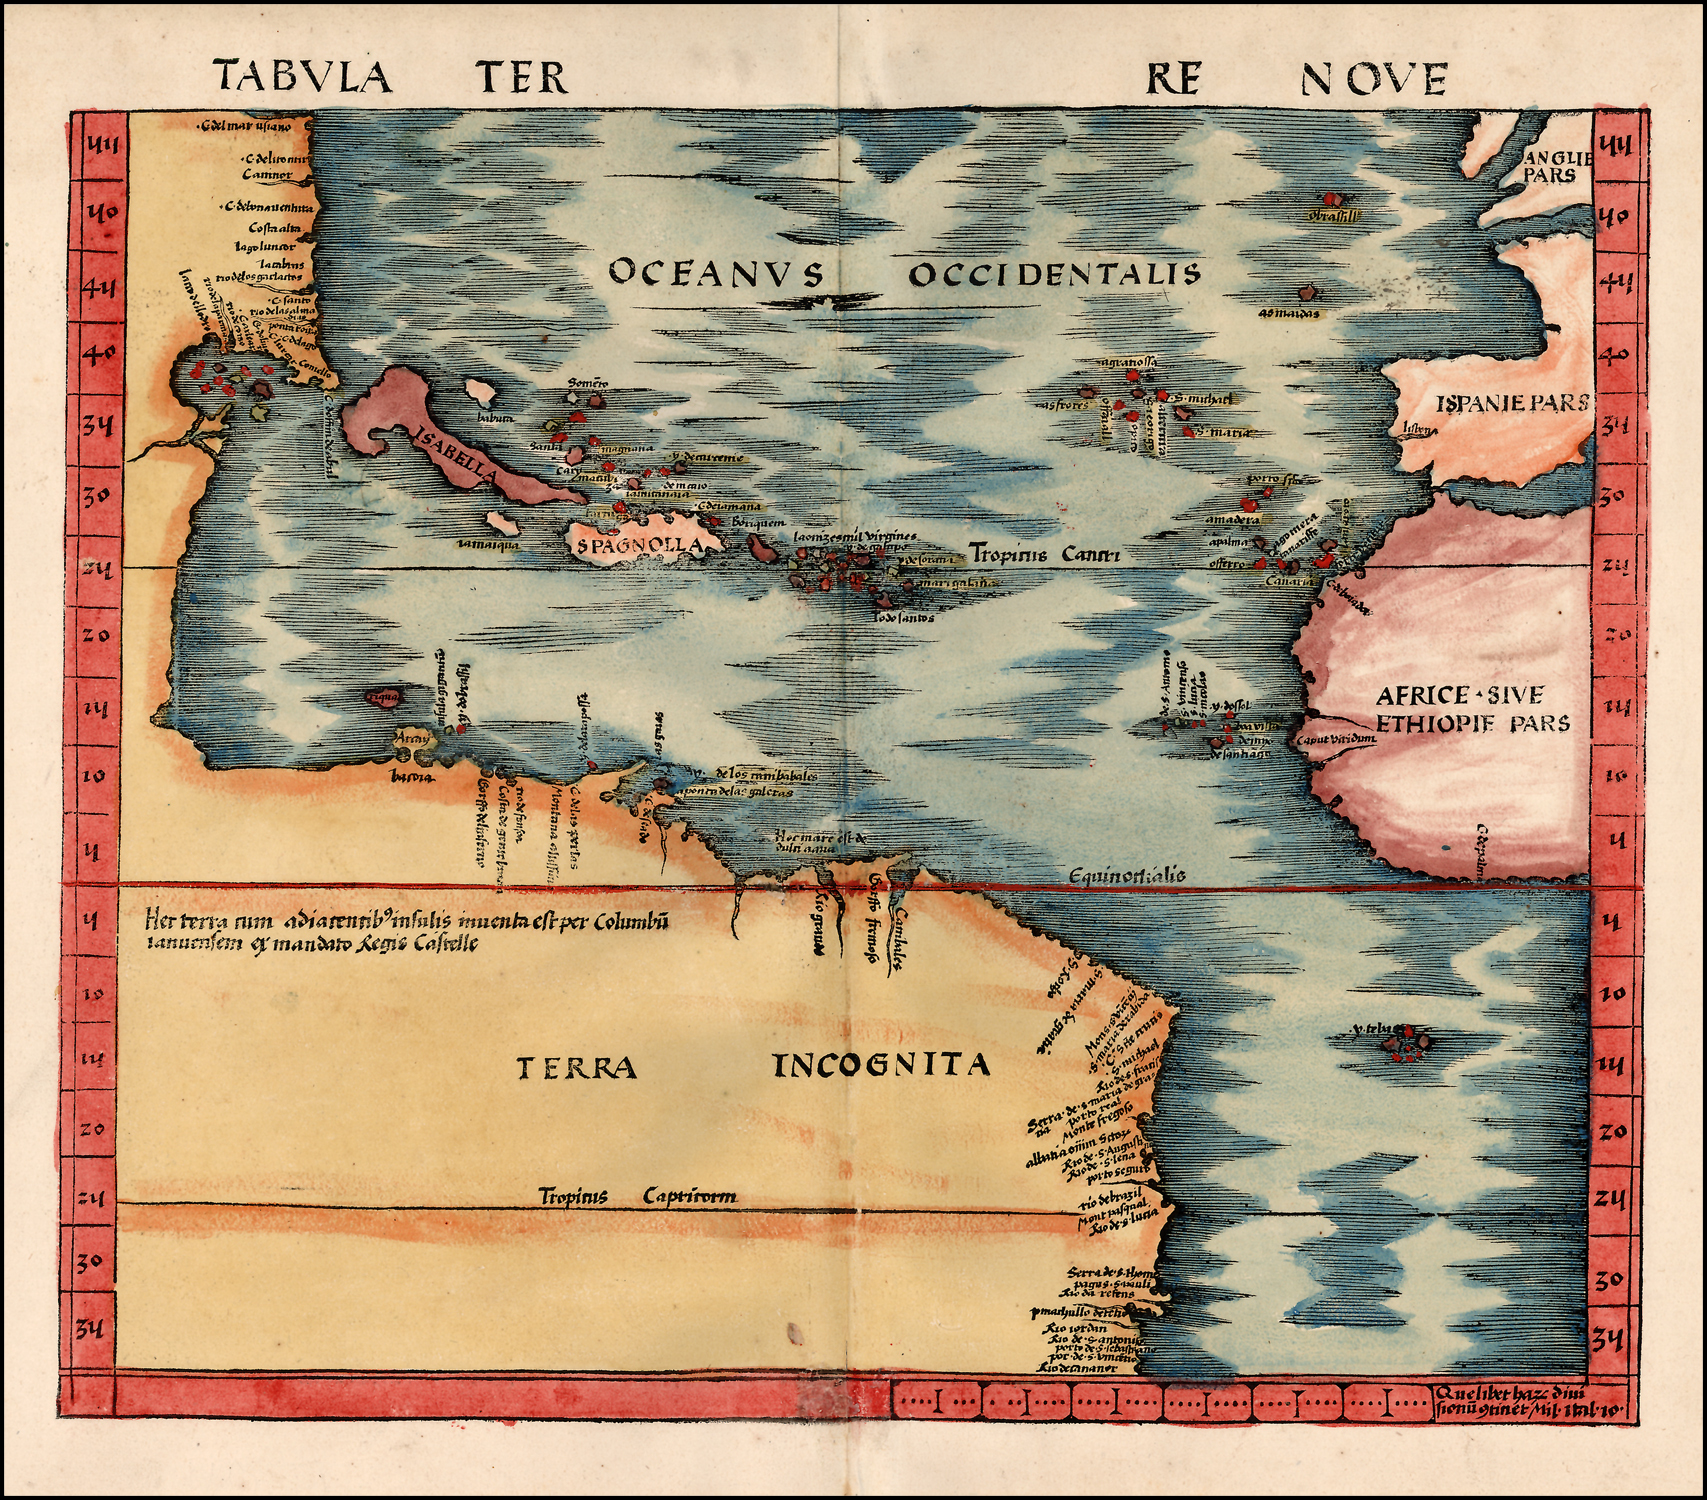 Cristobal Coln y el descubrimiento de Amrica  SobreHistoriacom